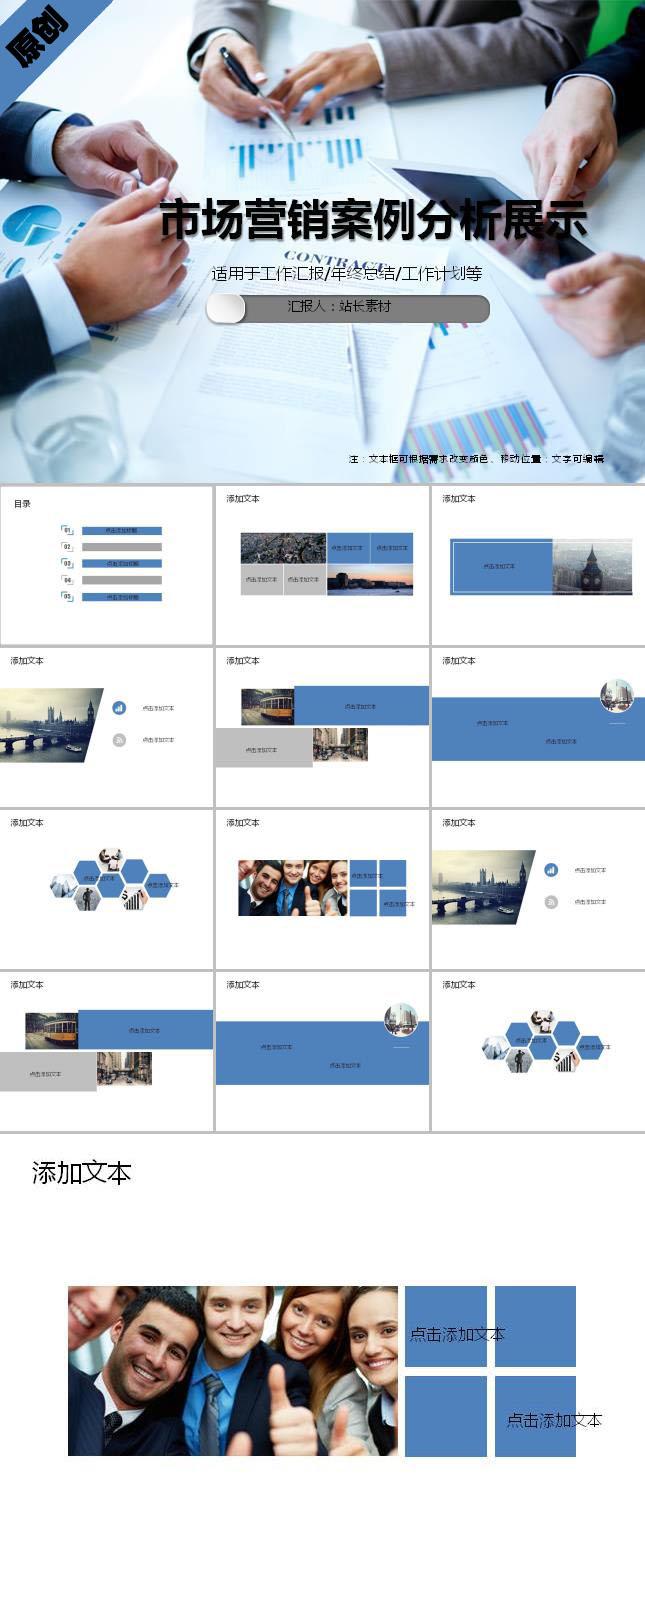 市场营销案例分析展示ppt模板